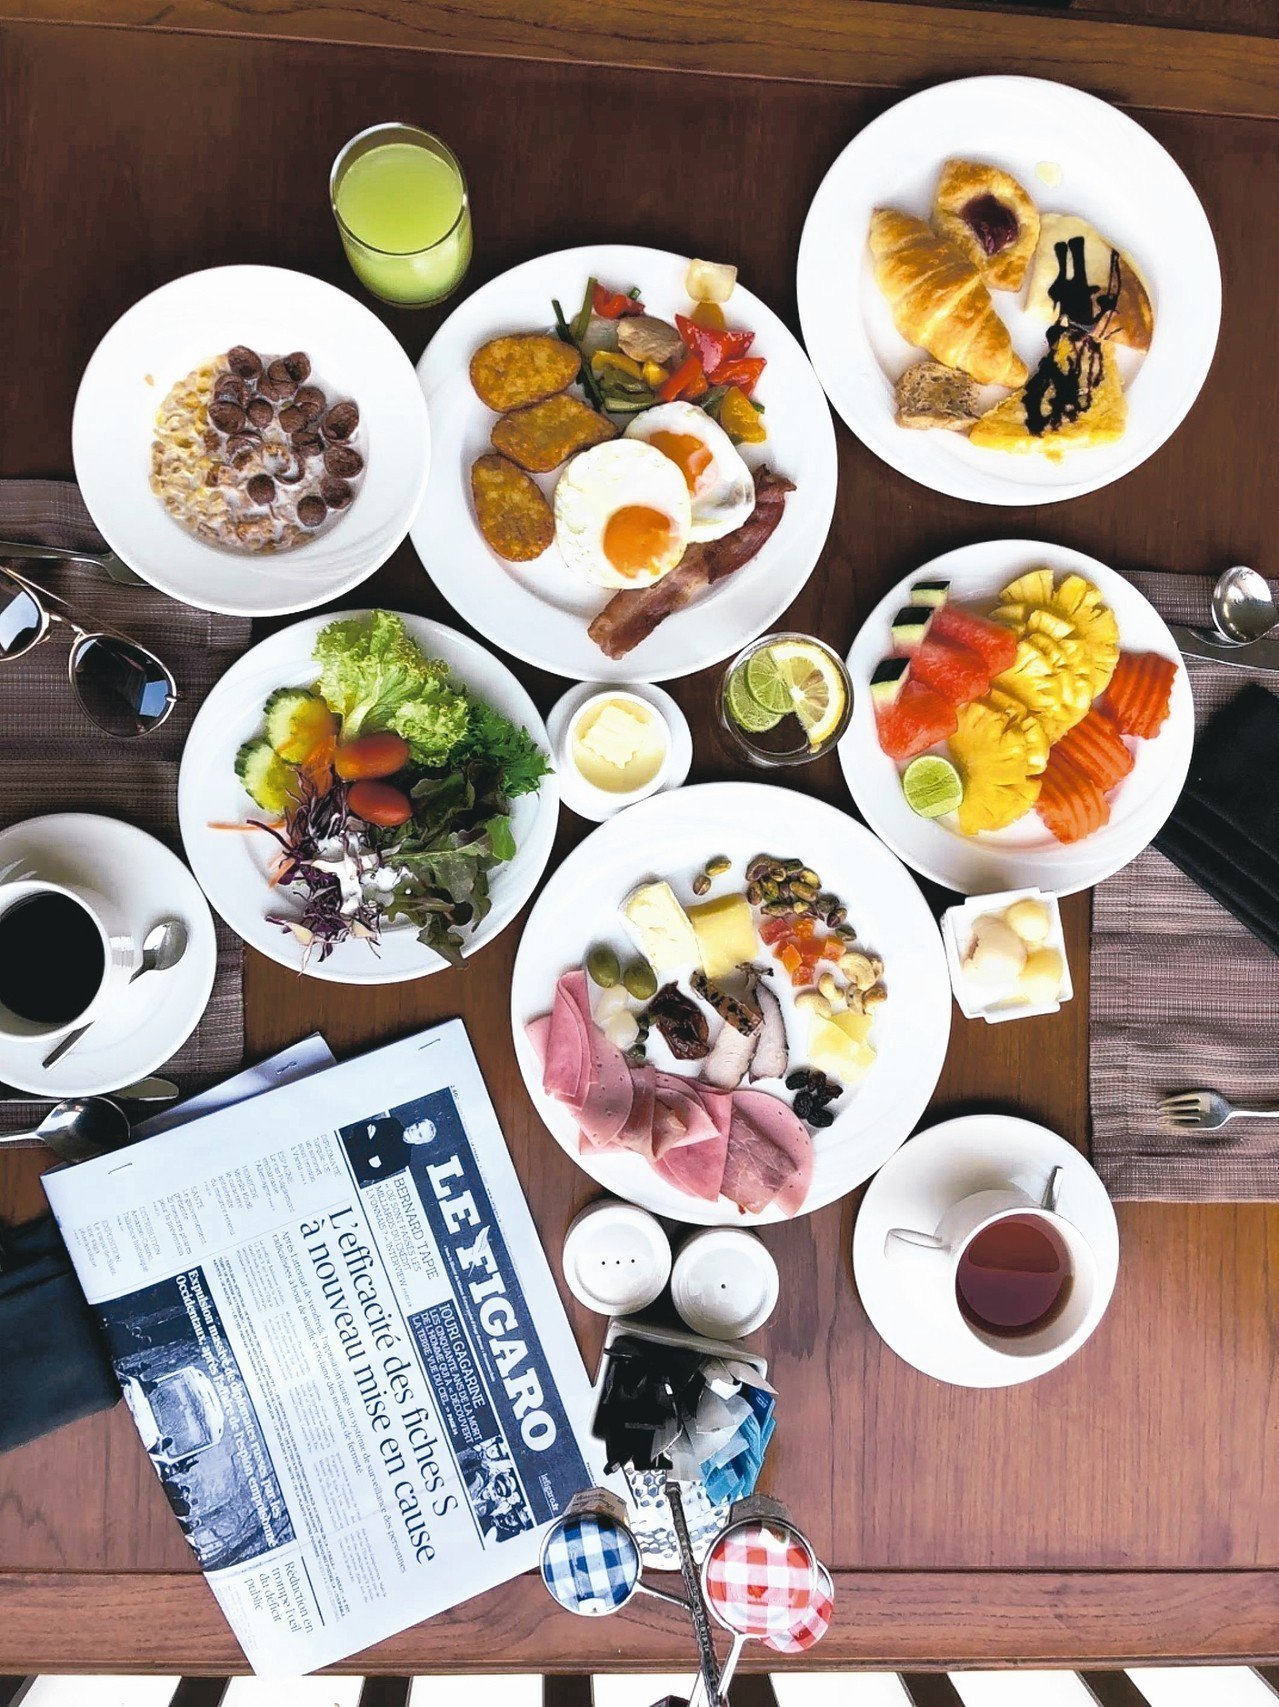 五星級飯店內享用各種高檔設施,品嘗美味料理,度過奢華假期。 記者魏妤庭/攝影